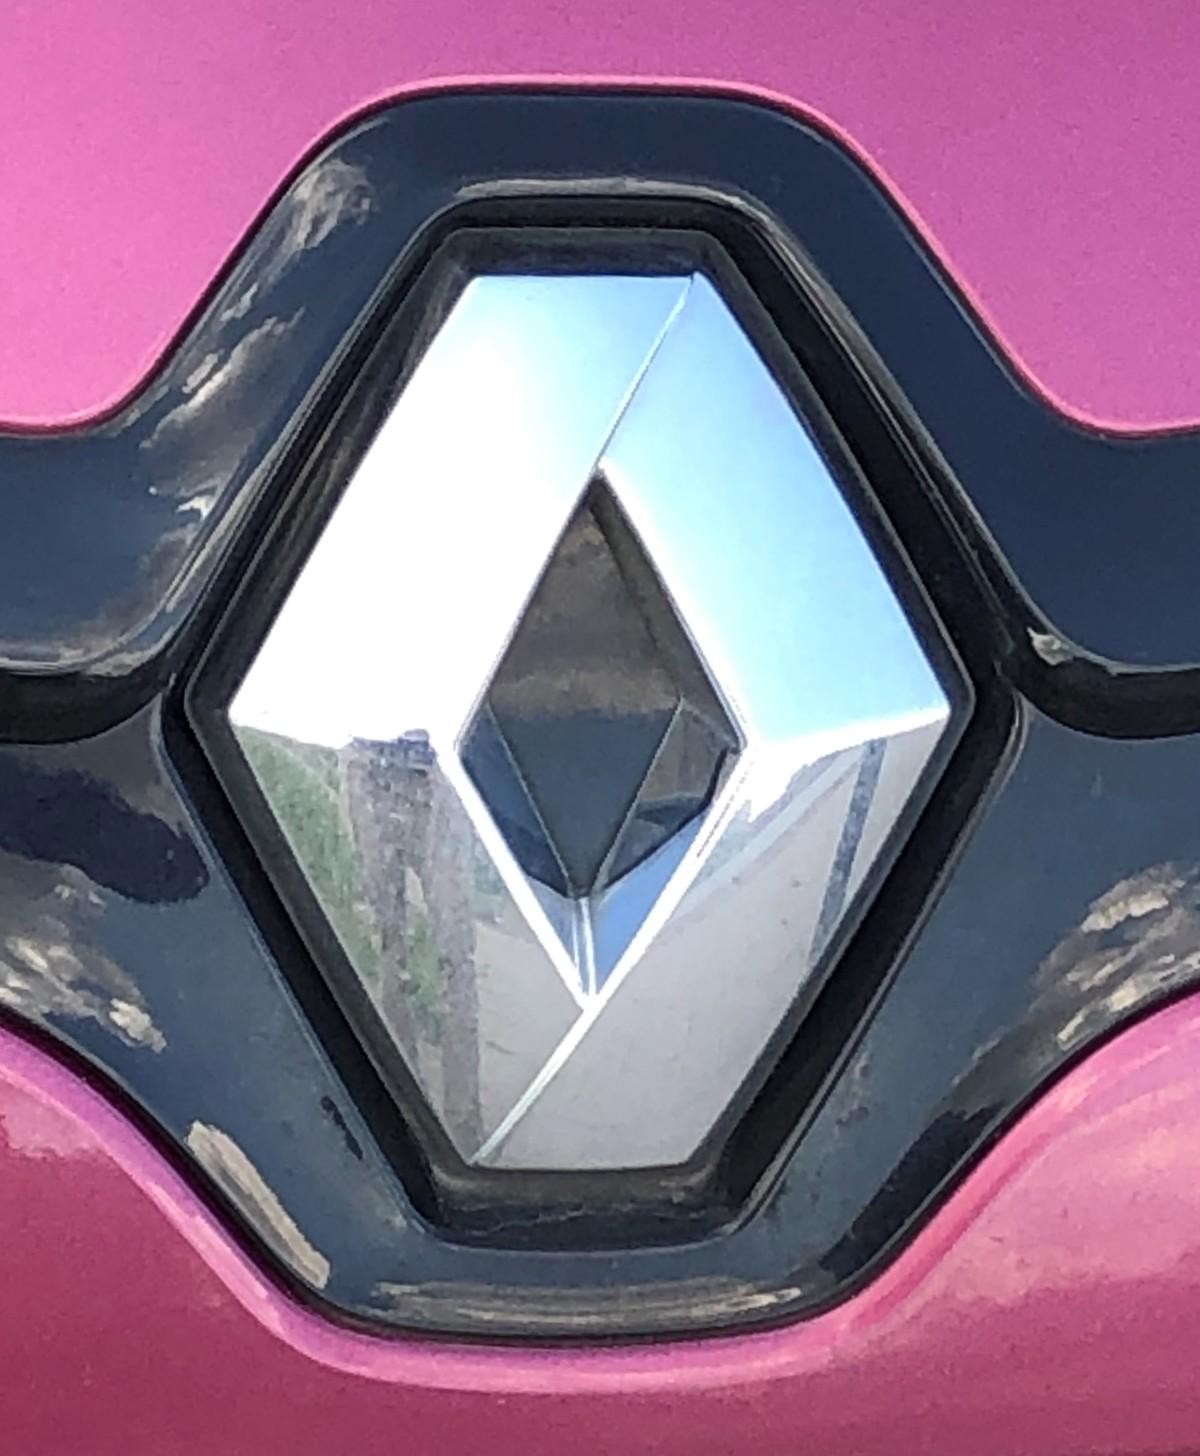 Koronawirus może stać się przysłowiowym gwoździem do trumny dla francuskiej marki Renault. Rząd Francji będący udziałowcem tego koncernu wstrzymuje się bowiem z finansową pomocą.  Fot. Stanisław Rochowicz